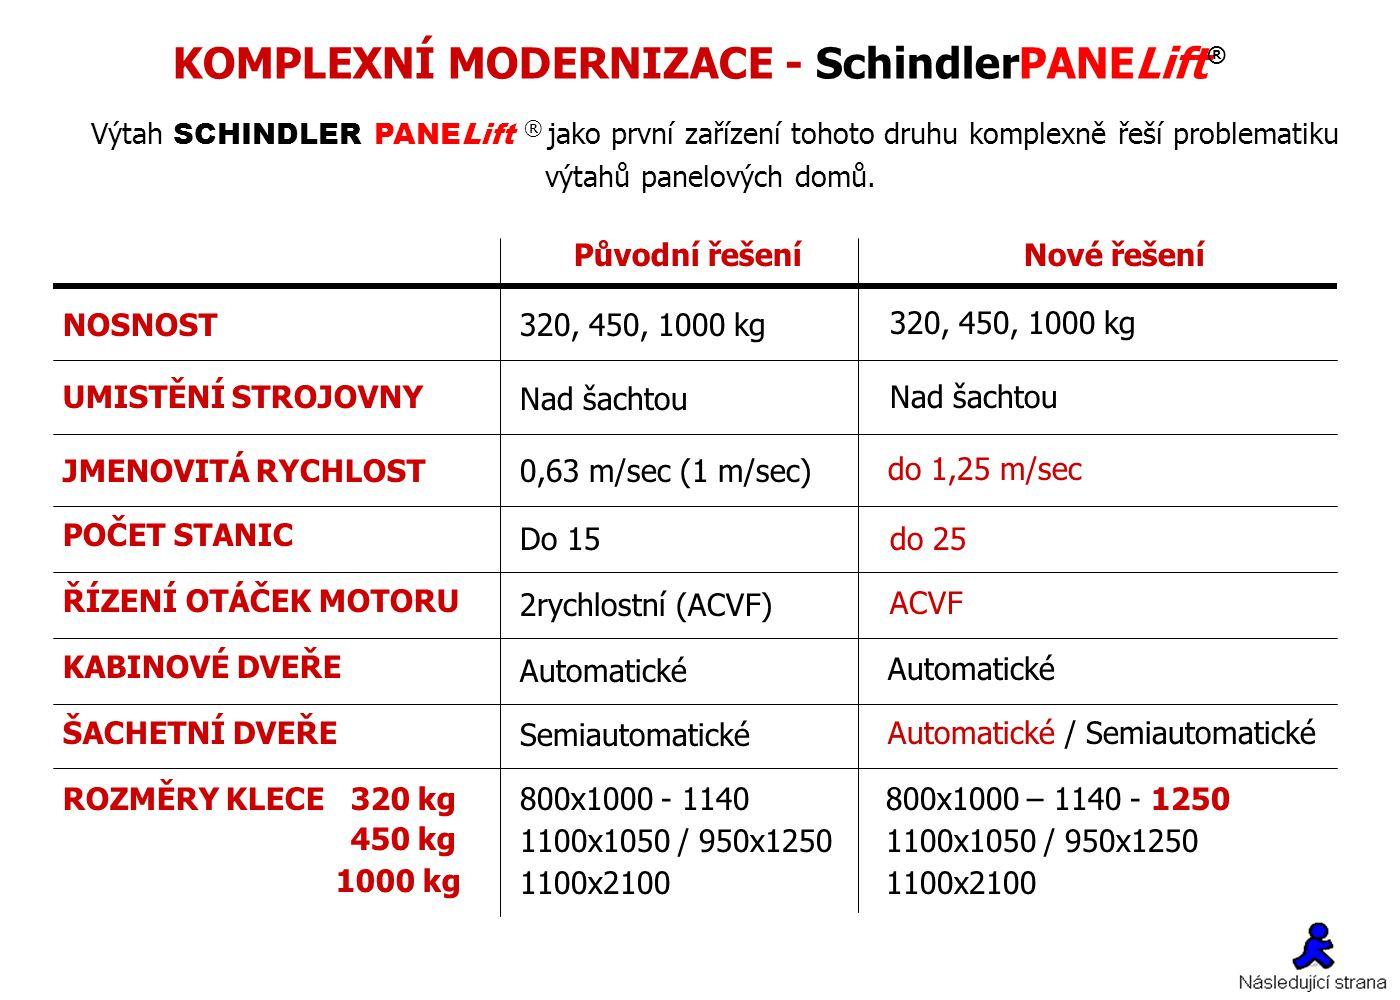 KOMPLEXNÍ MODERNIZACE - SchindlerPANELift®